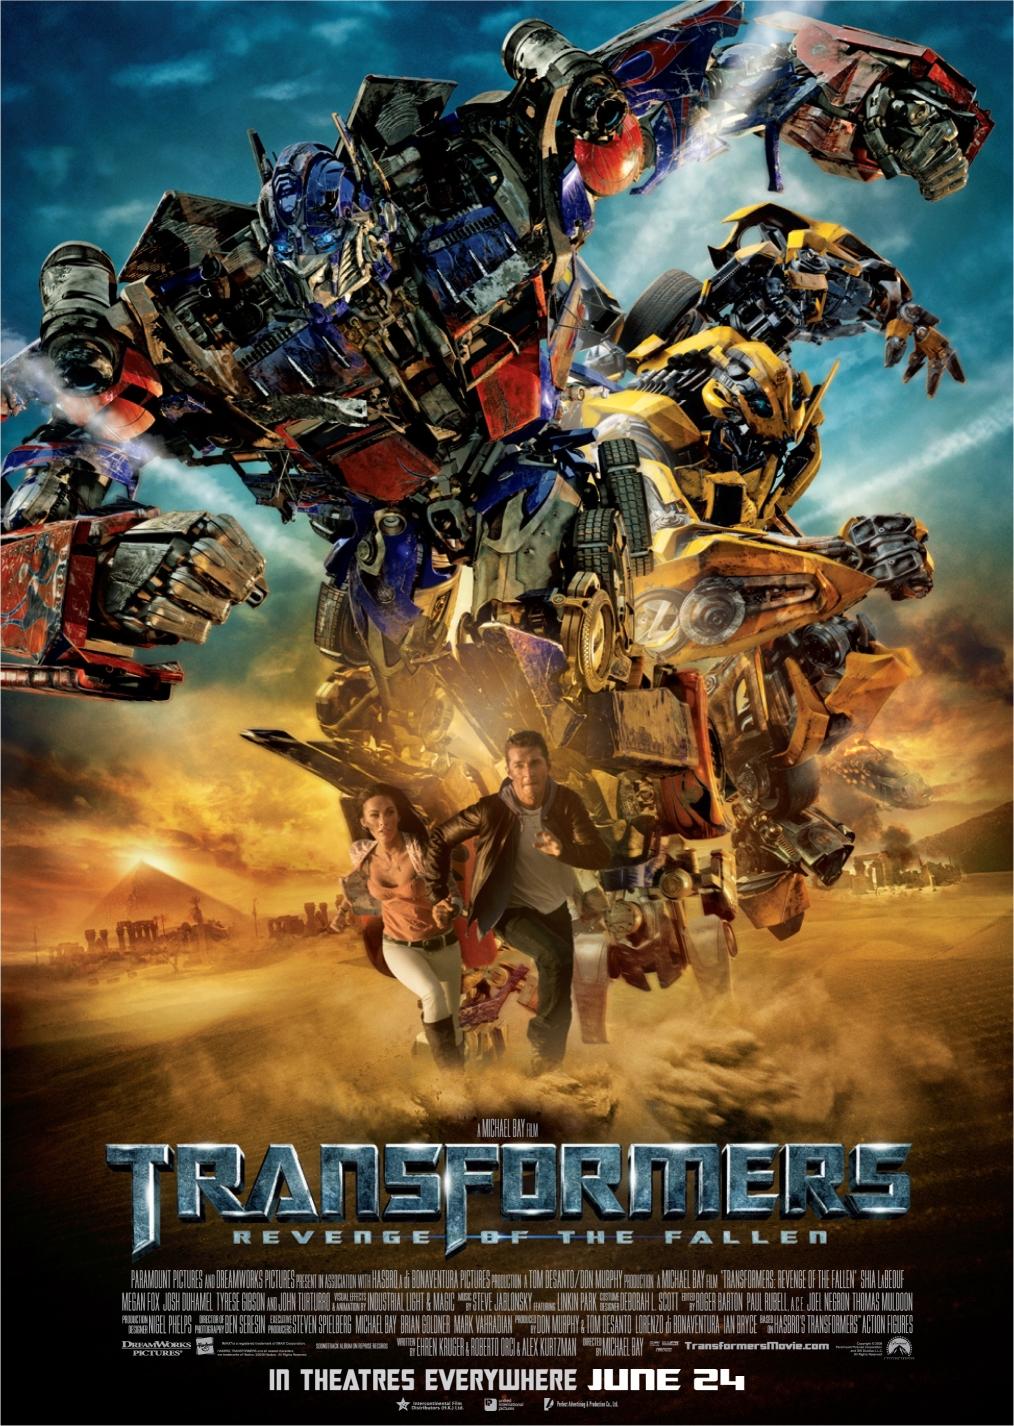 Transformers 2 : Revenge of the Fallen (2009)